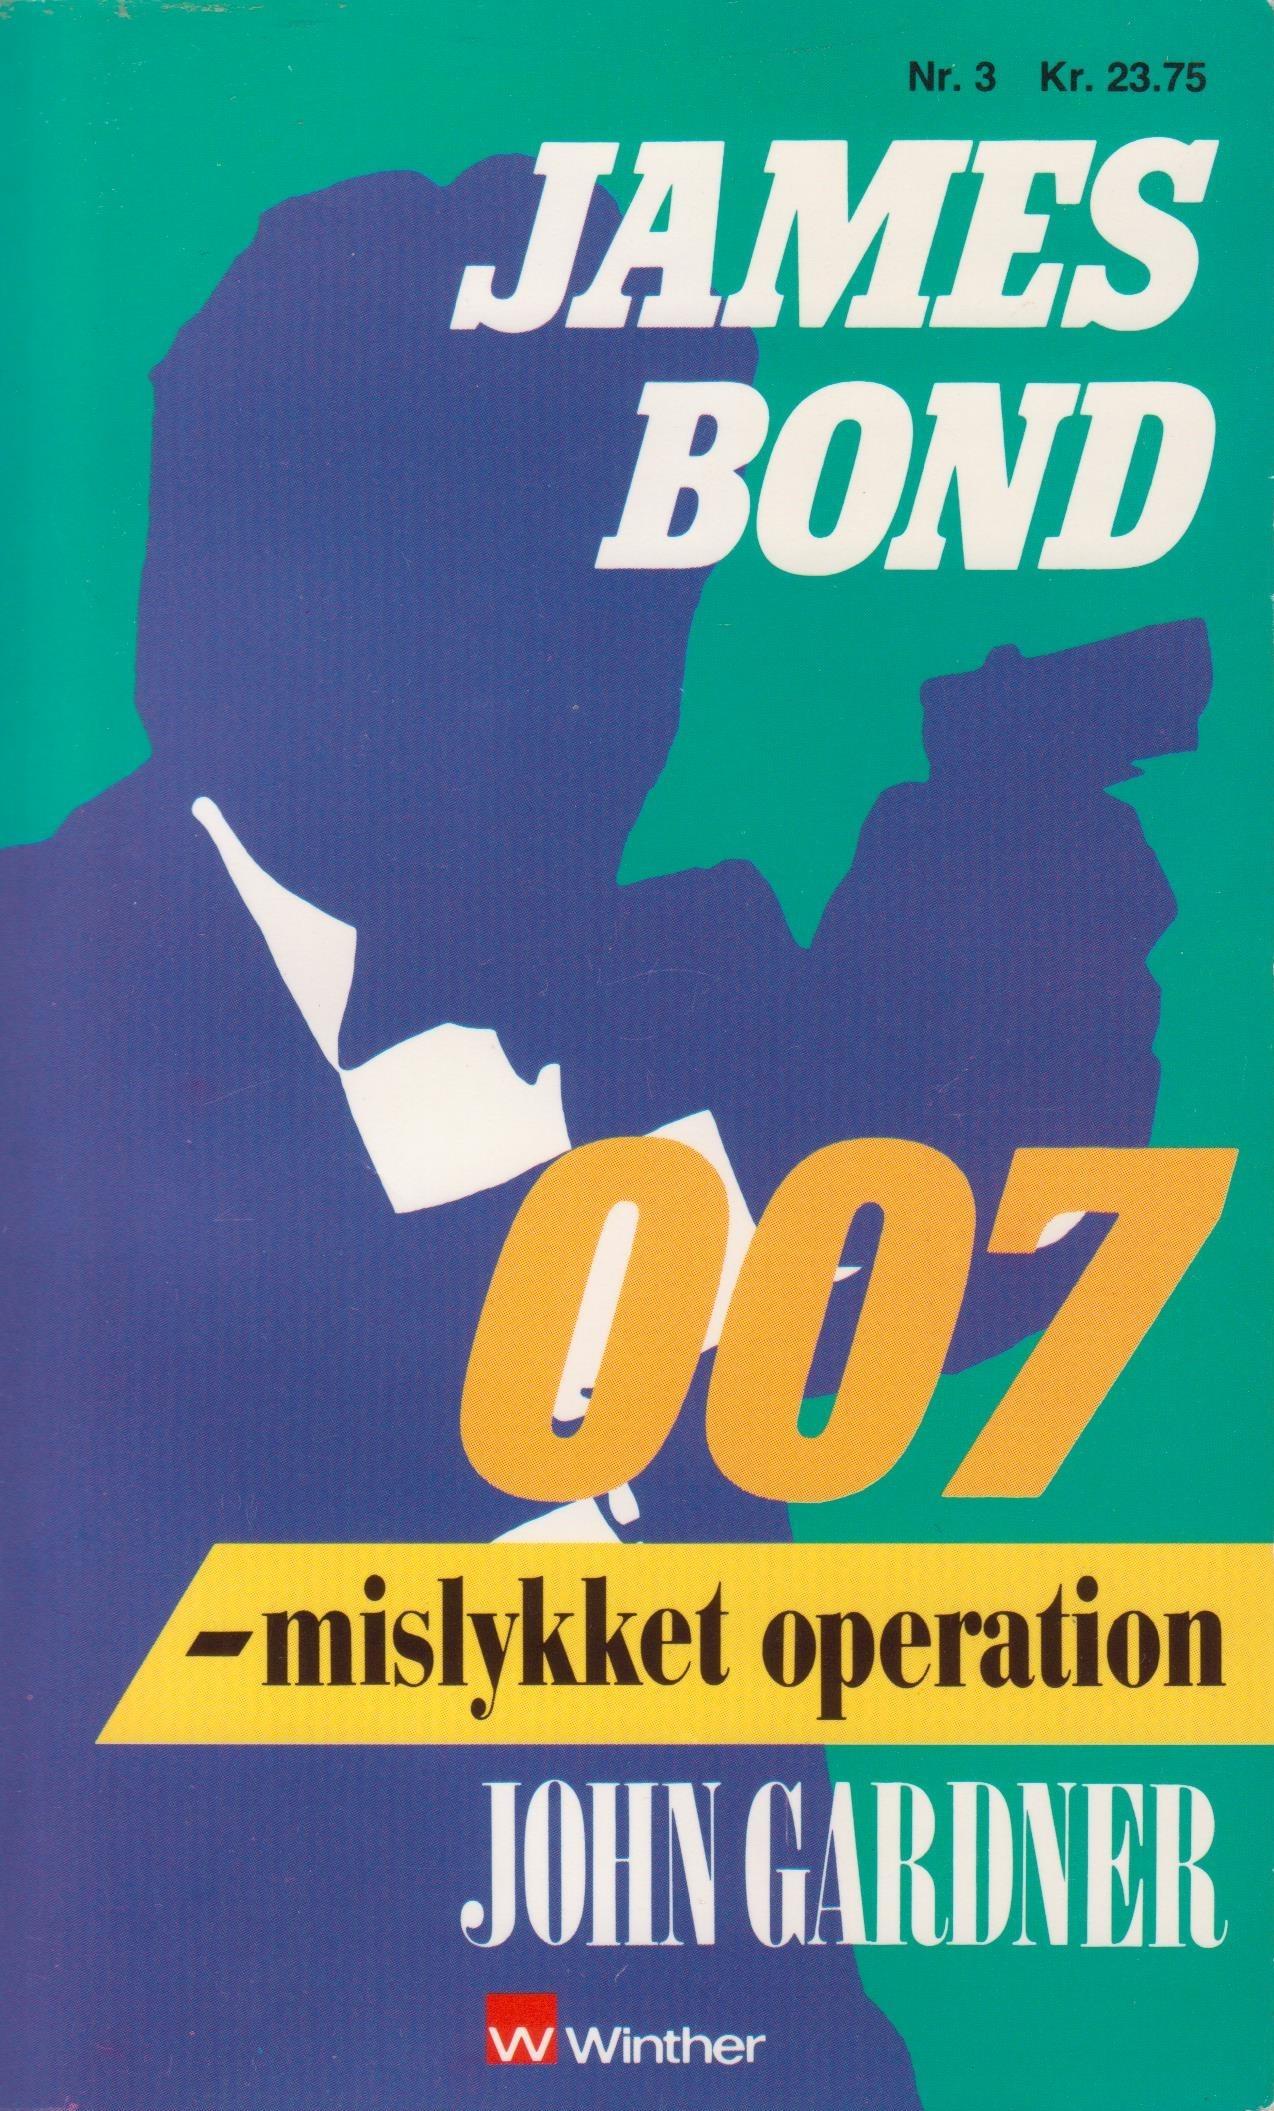 John Gardner Mislykket operation dk 1989 forside